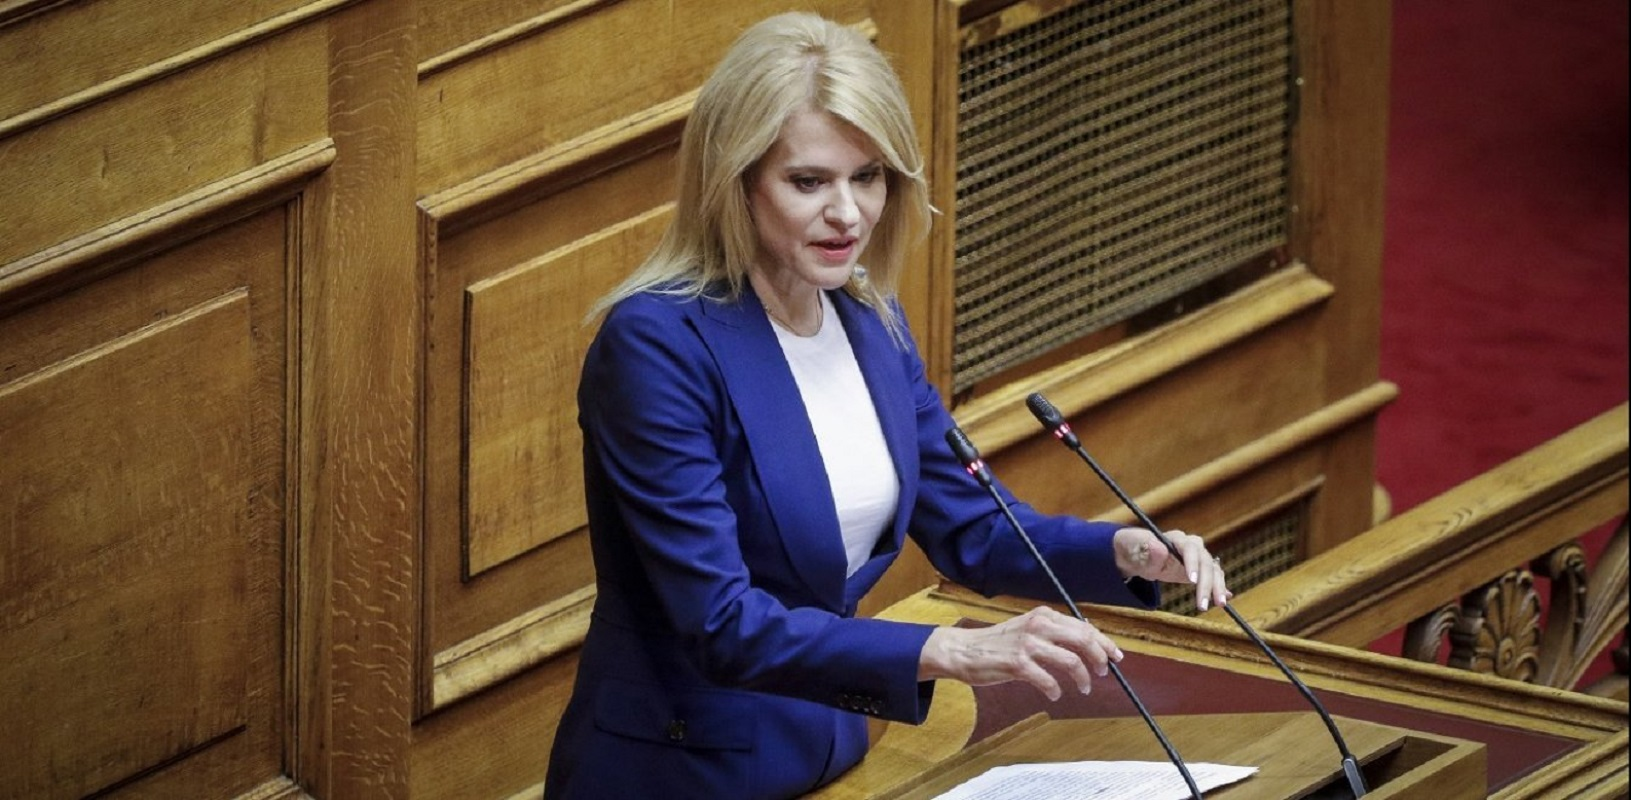 """""""Θα μείνετε στην Ιστορία ως χορηγός της Τουρκικής Οικονομίας κ.Γεωργιάδη"""" η Τζάκρη ισοπέδωσε τον Αδωνη στην Βουλή (Βίντεο)"""